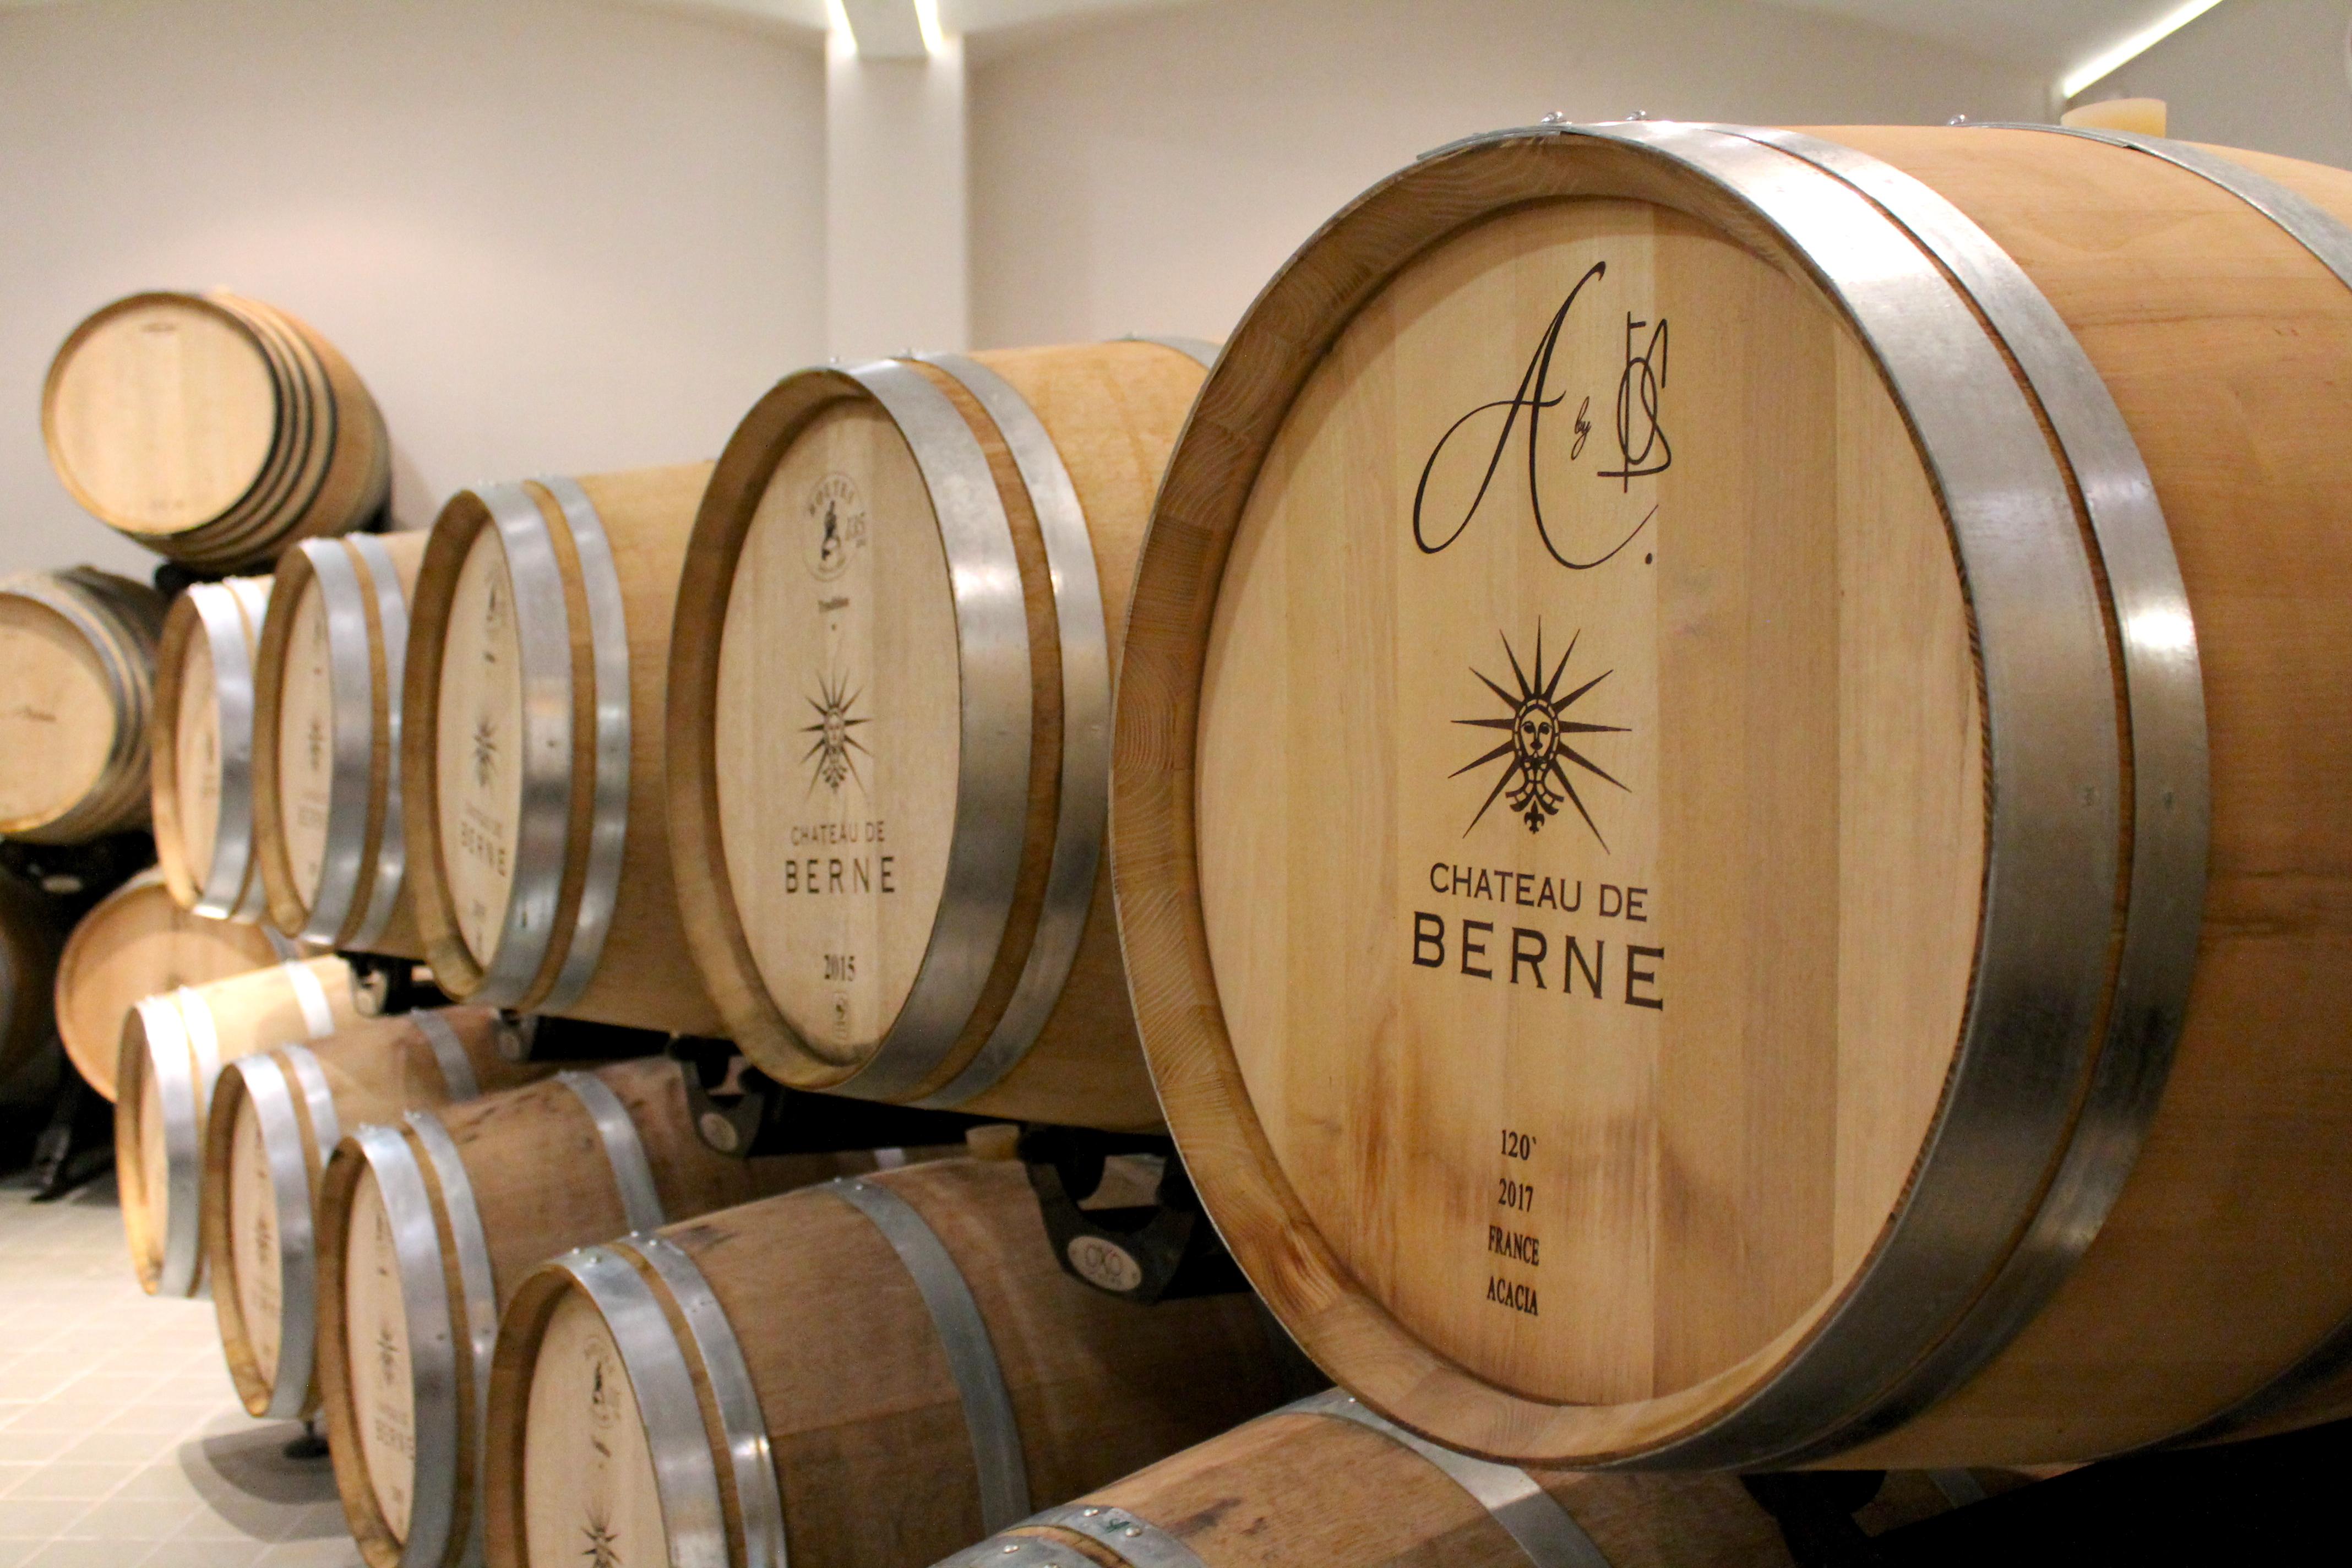 chateaudeberne-wine-cellar-lustforthesublime